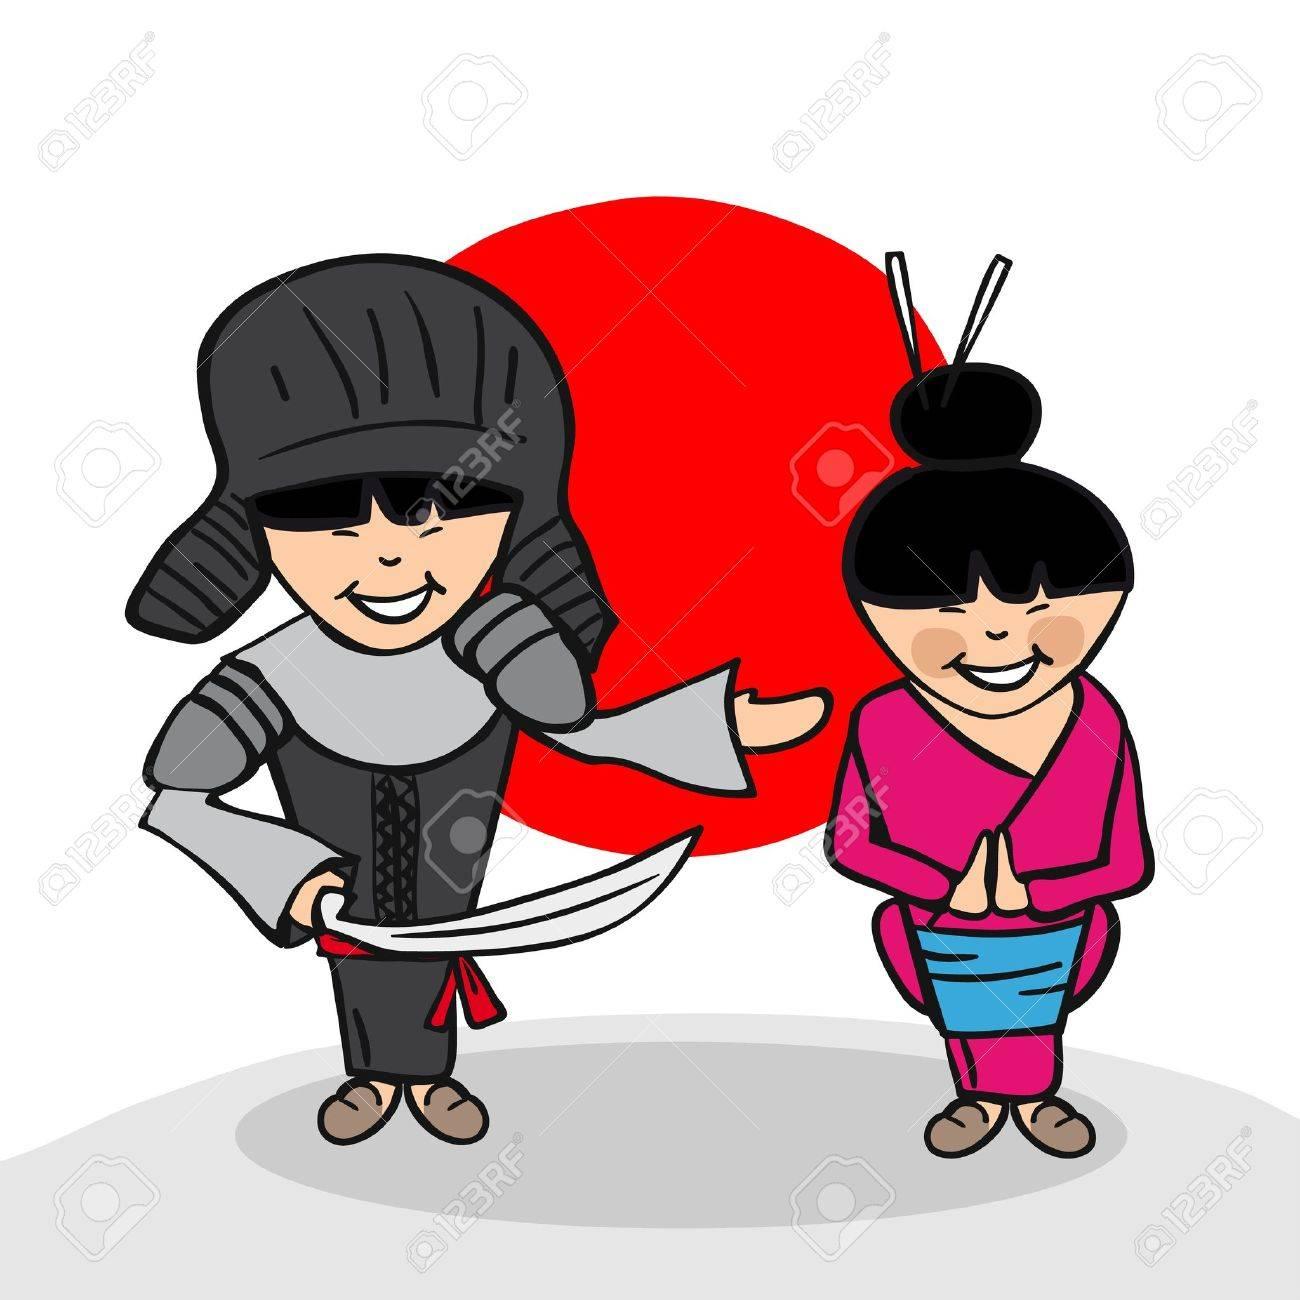 日本の男性と女性漫画のカップル国旗の背景を持つ。ベクトル イラストの簡単な編集の層します。